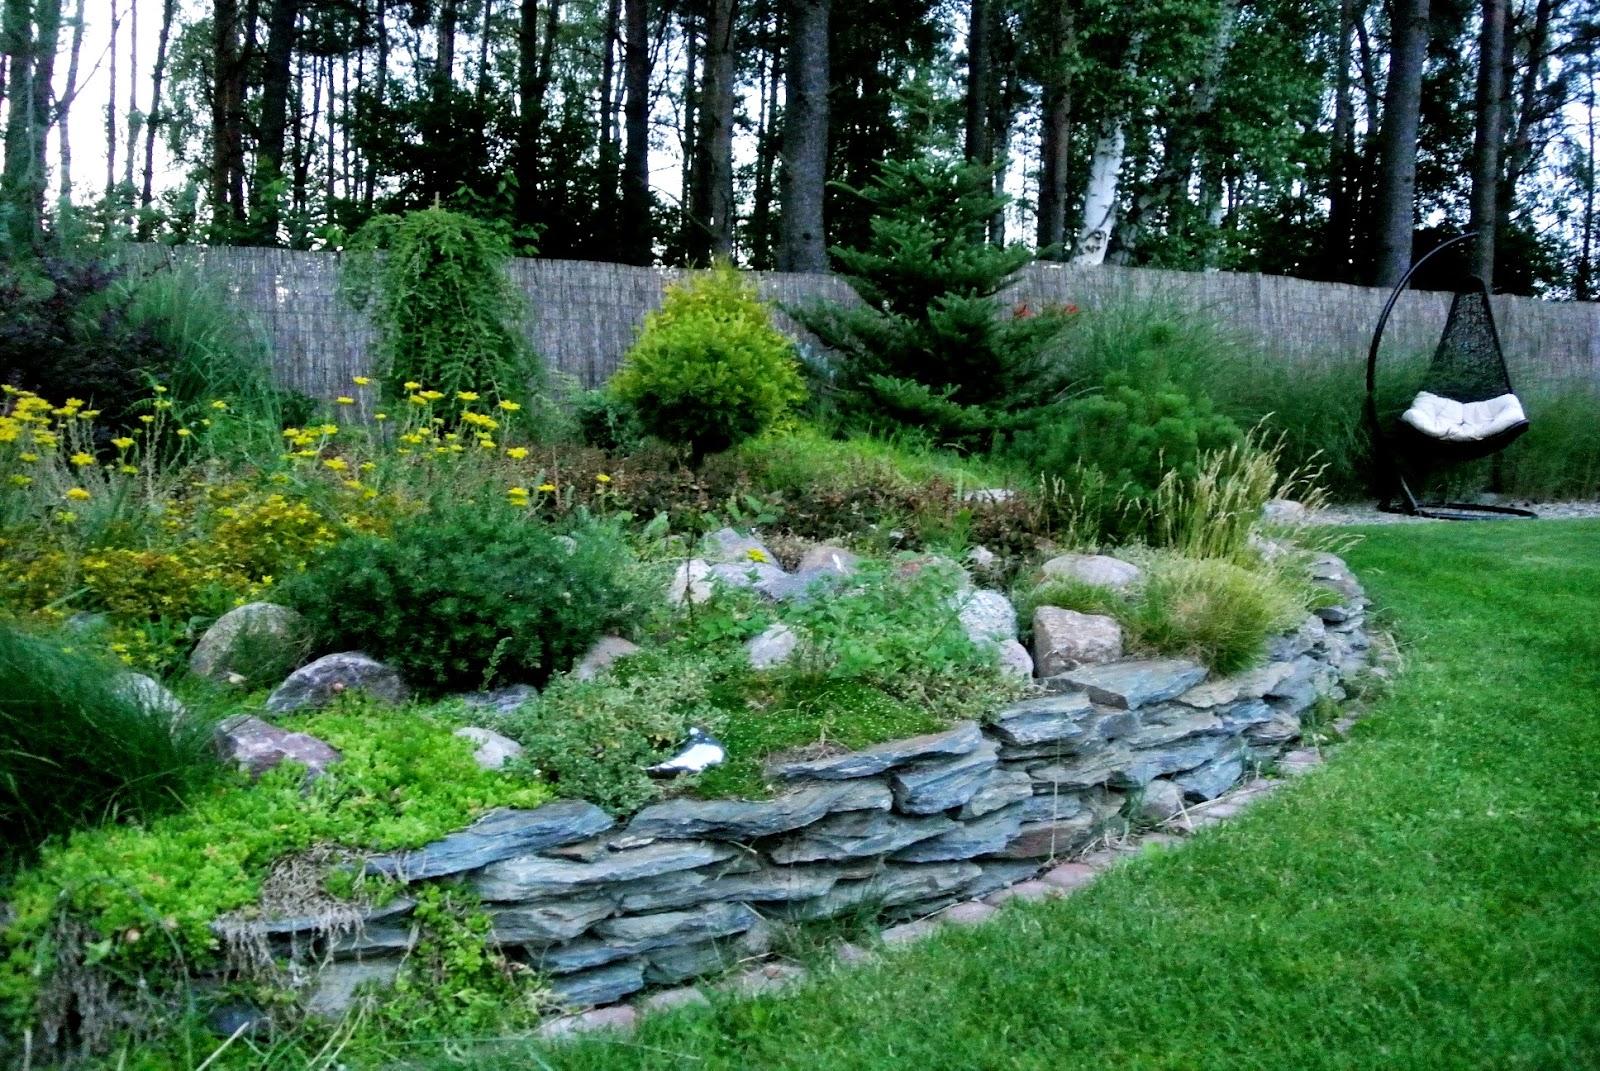 huśtawka ogrodowa,skalniak,murek z łupka, murek oporowy,choina kanadyjska,świerk,las,Kobylanka,zakątek relak,relaks w ogrodzie,miejsce odpoczynku